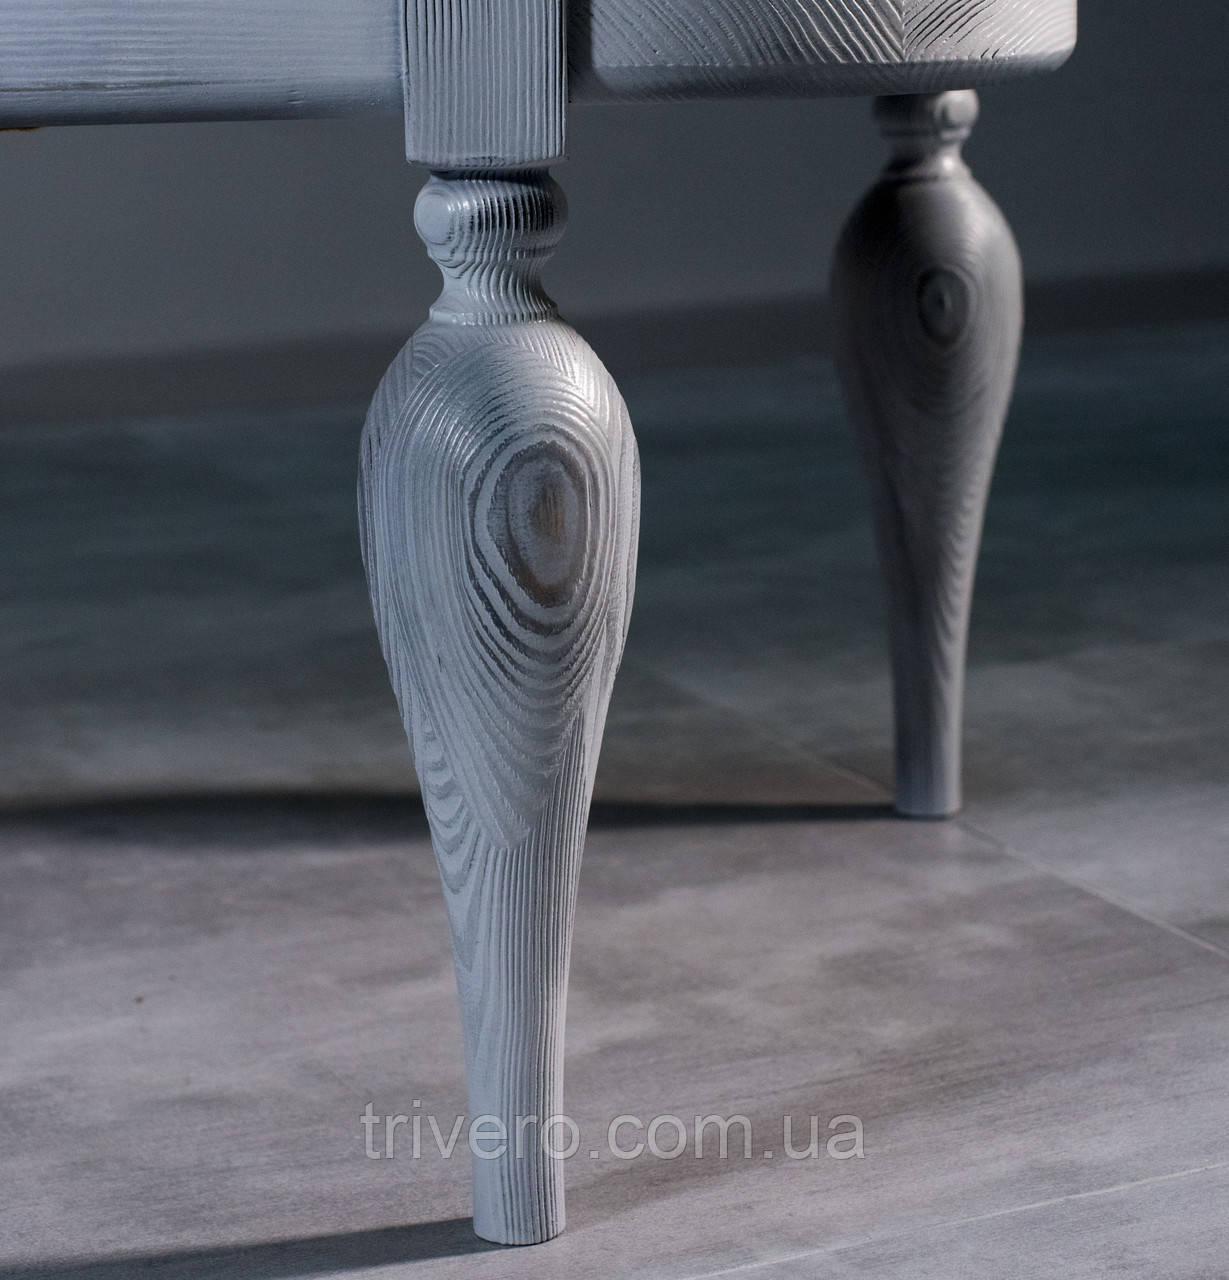 Мебельные ножки и опоры для банкетки из дерева